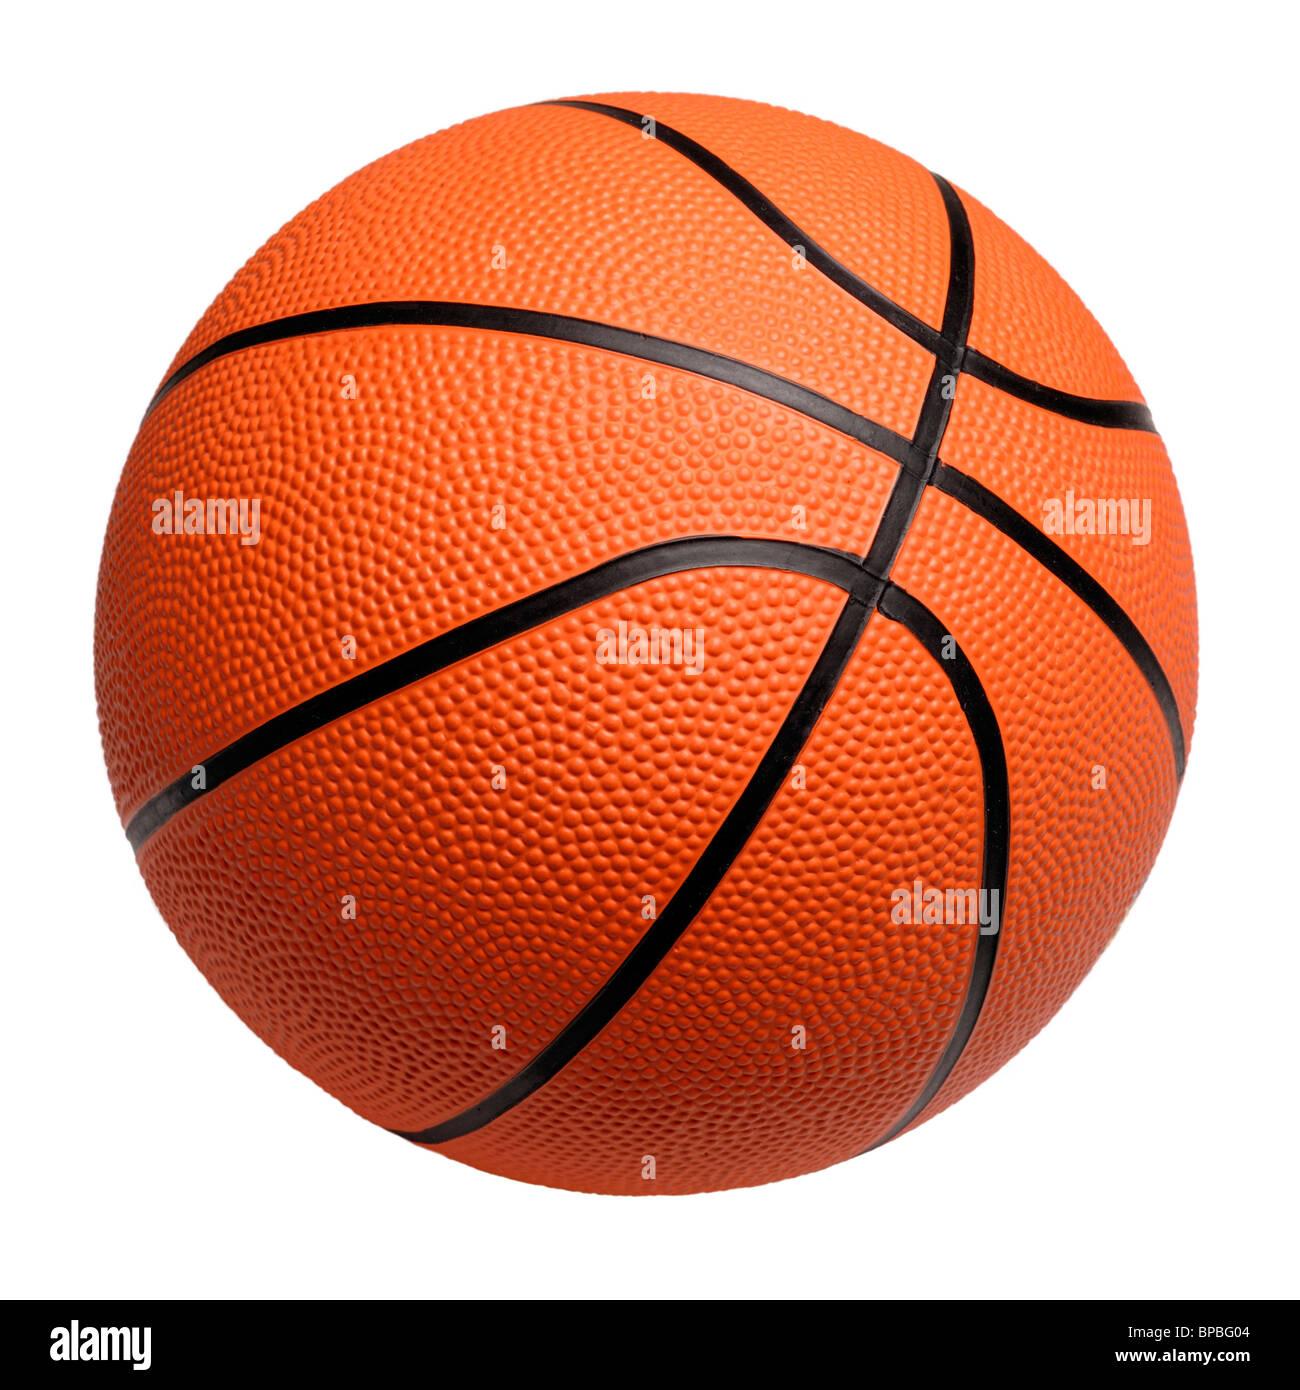 Di plastica arancione basket Immagini Stock